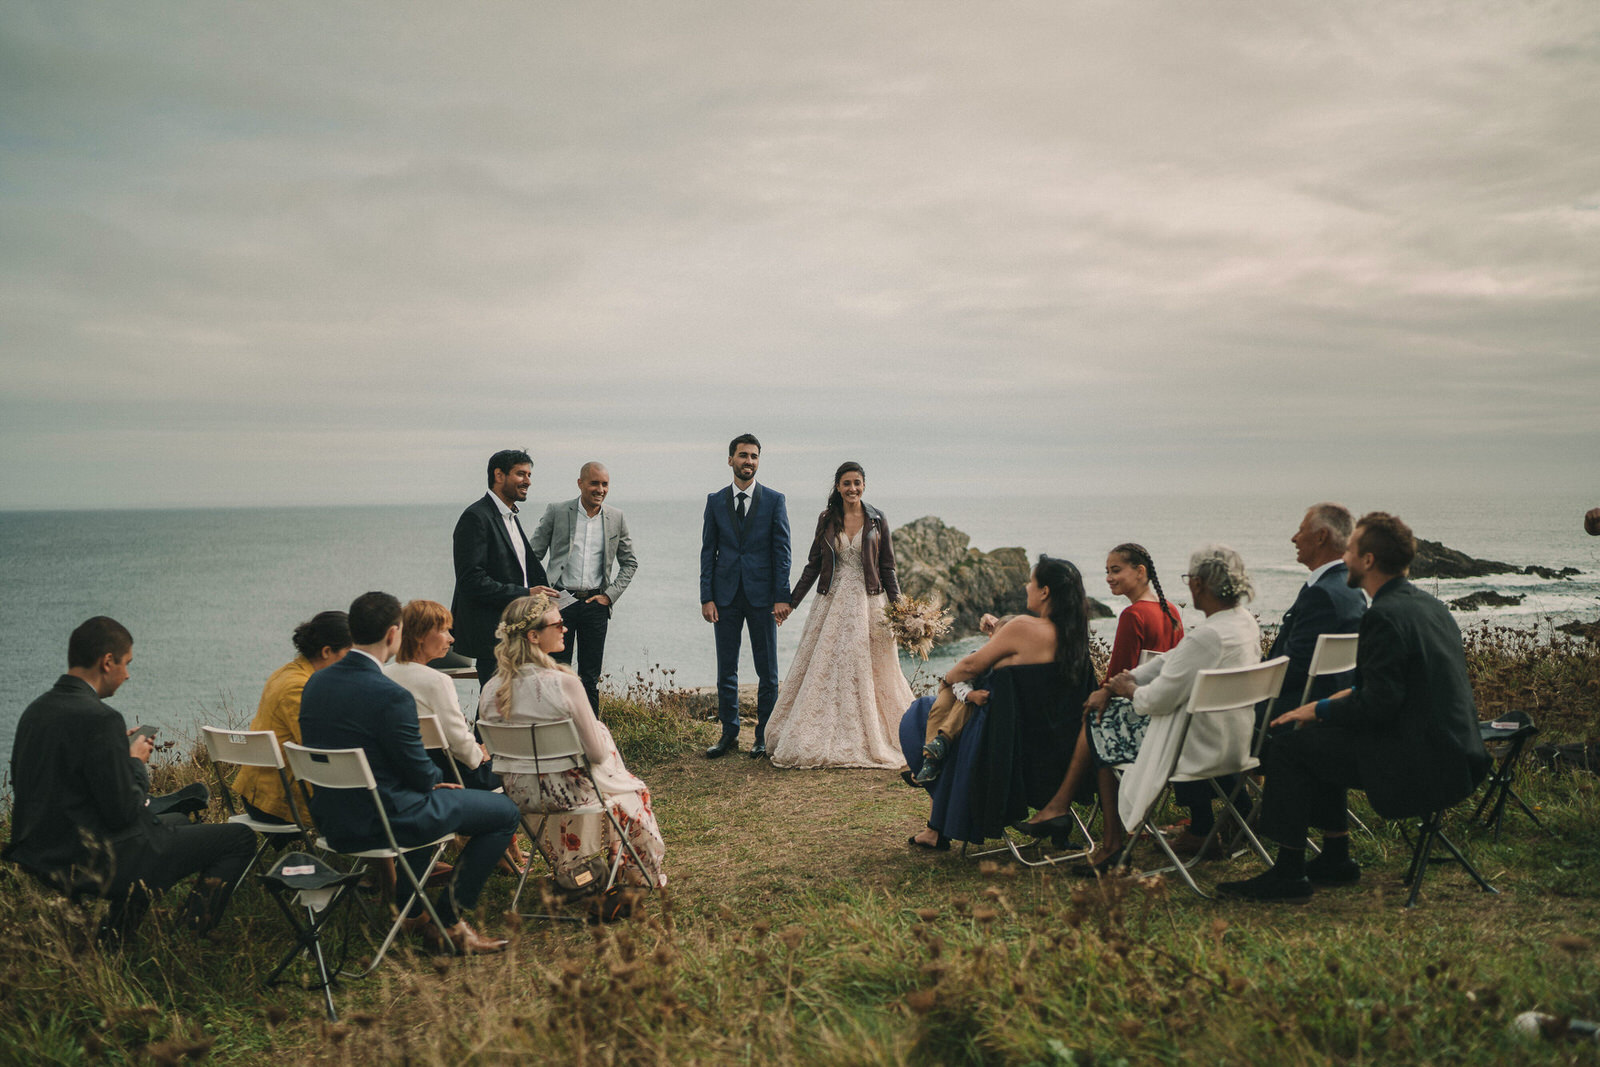 12729 Mariage Intime Élopement En Bord De Mer En Bretagne Rebecca Clement À Plougonvelin Www.antoineborzeix.fr , Photographe & Videaste à Brest / Finistère